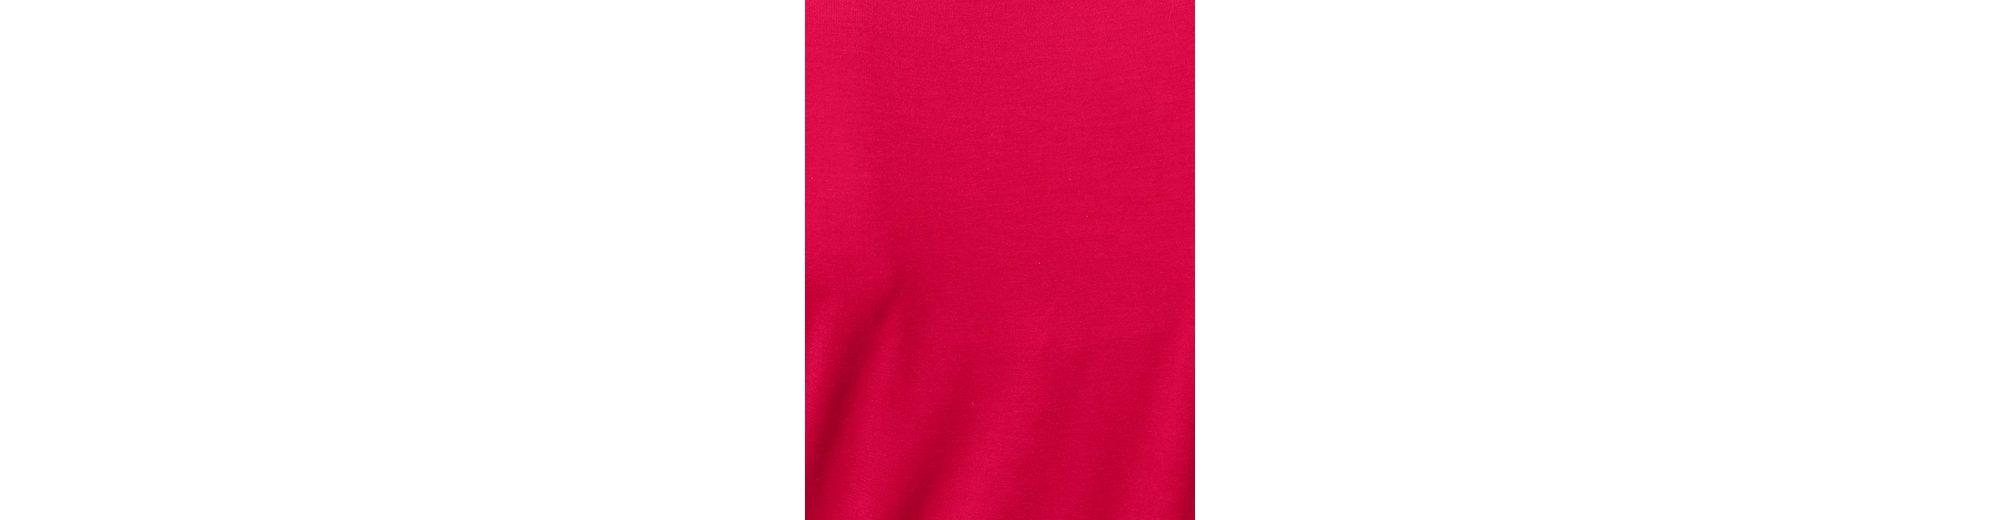 RICK CARDONA by Heine T-Shirt mit Stehbund Austritt Aus Deutschland Niedrig Versandkosten Für Verkauf Rabatt Wirklich Freies Verschiffen 2018 Neue iwlBIFM